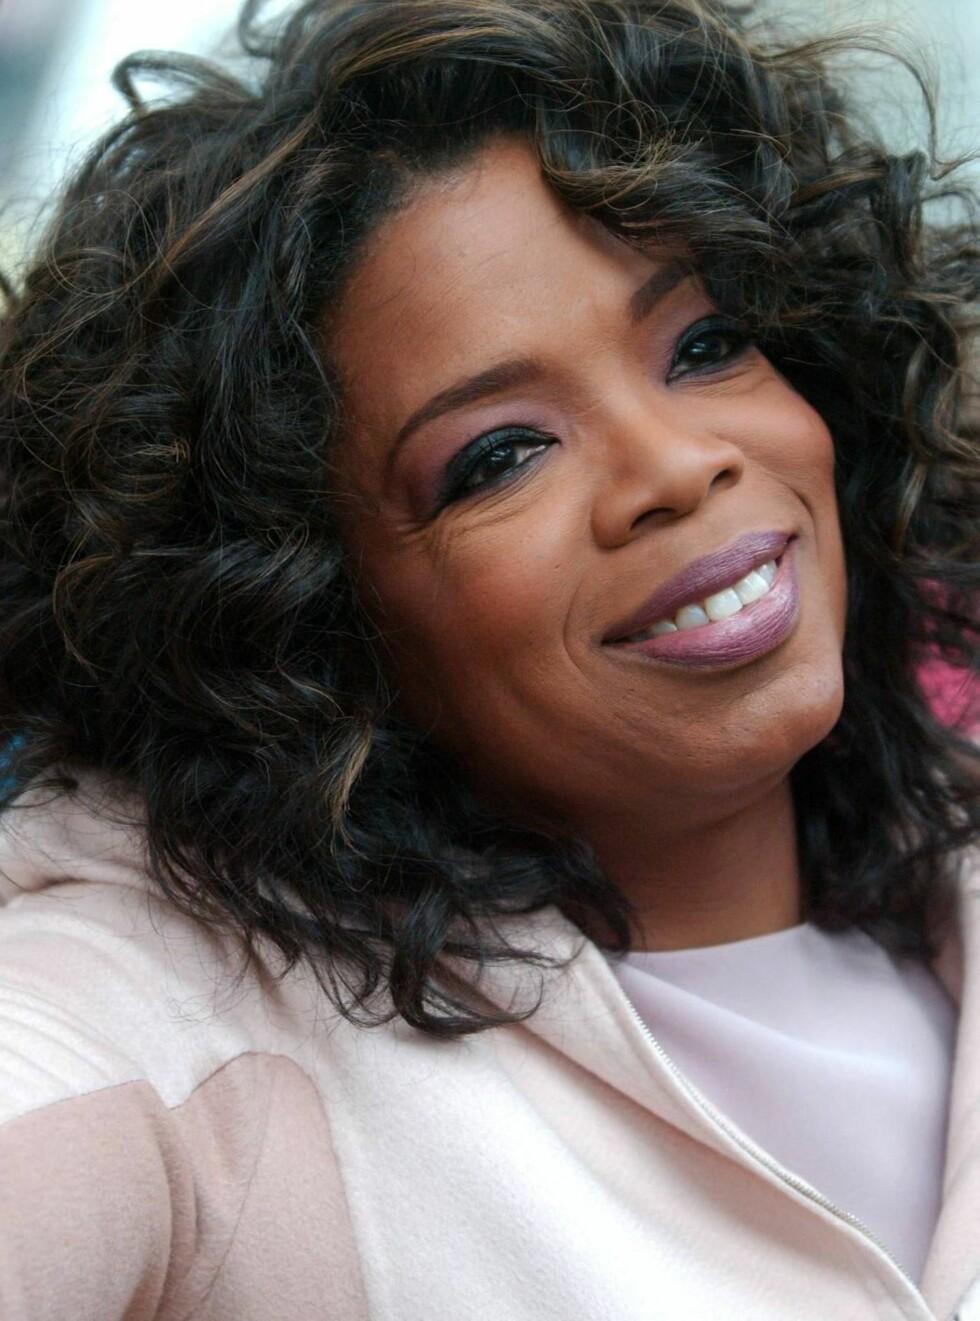 STILLER IKKE TIL VALG: Men Oprah er smigret over at hun er ønsket som president. Foto: All Over Press